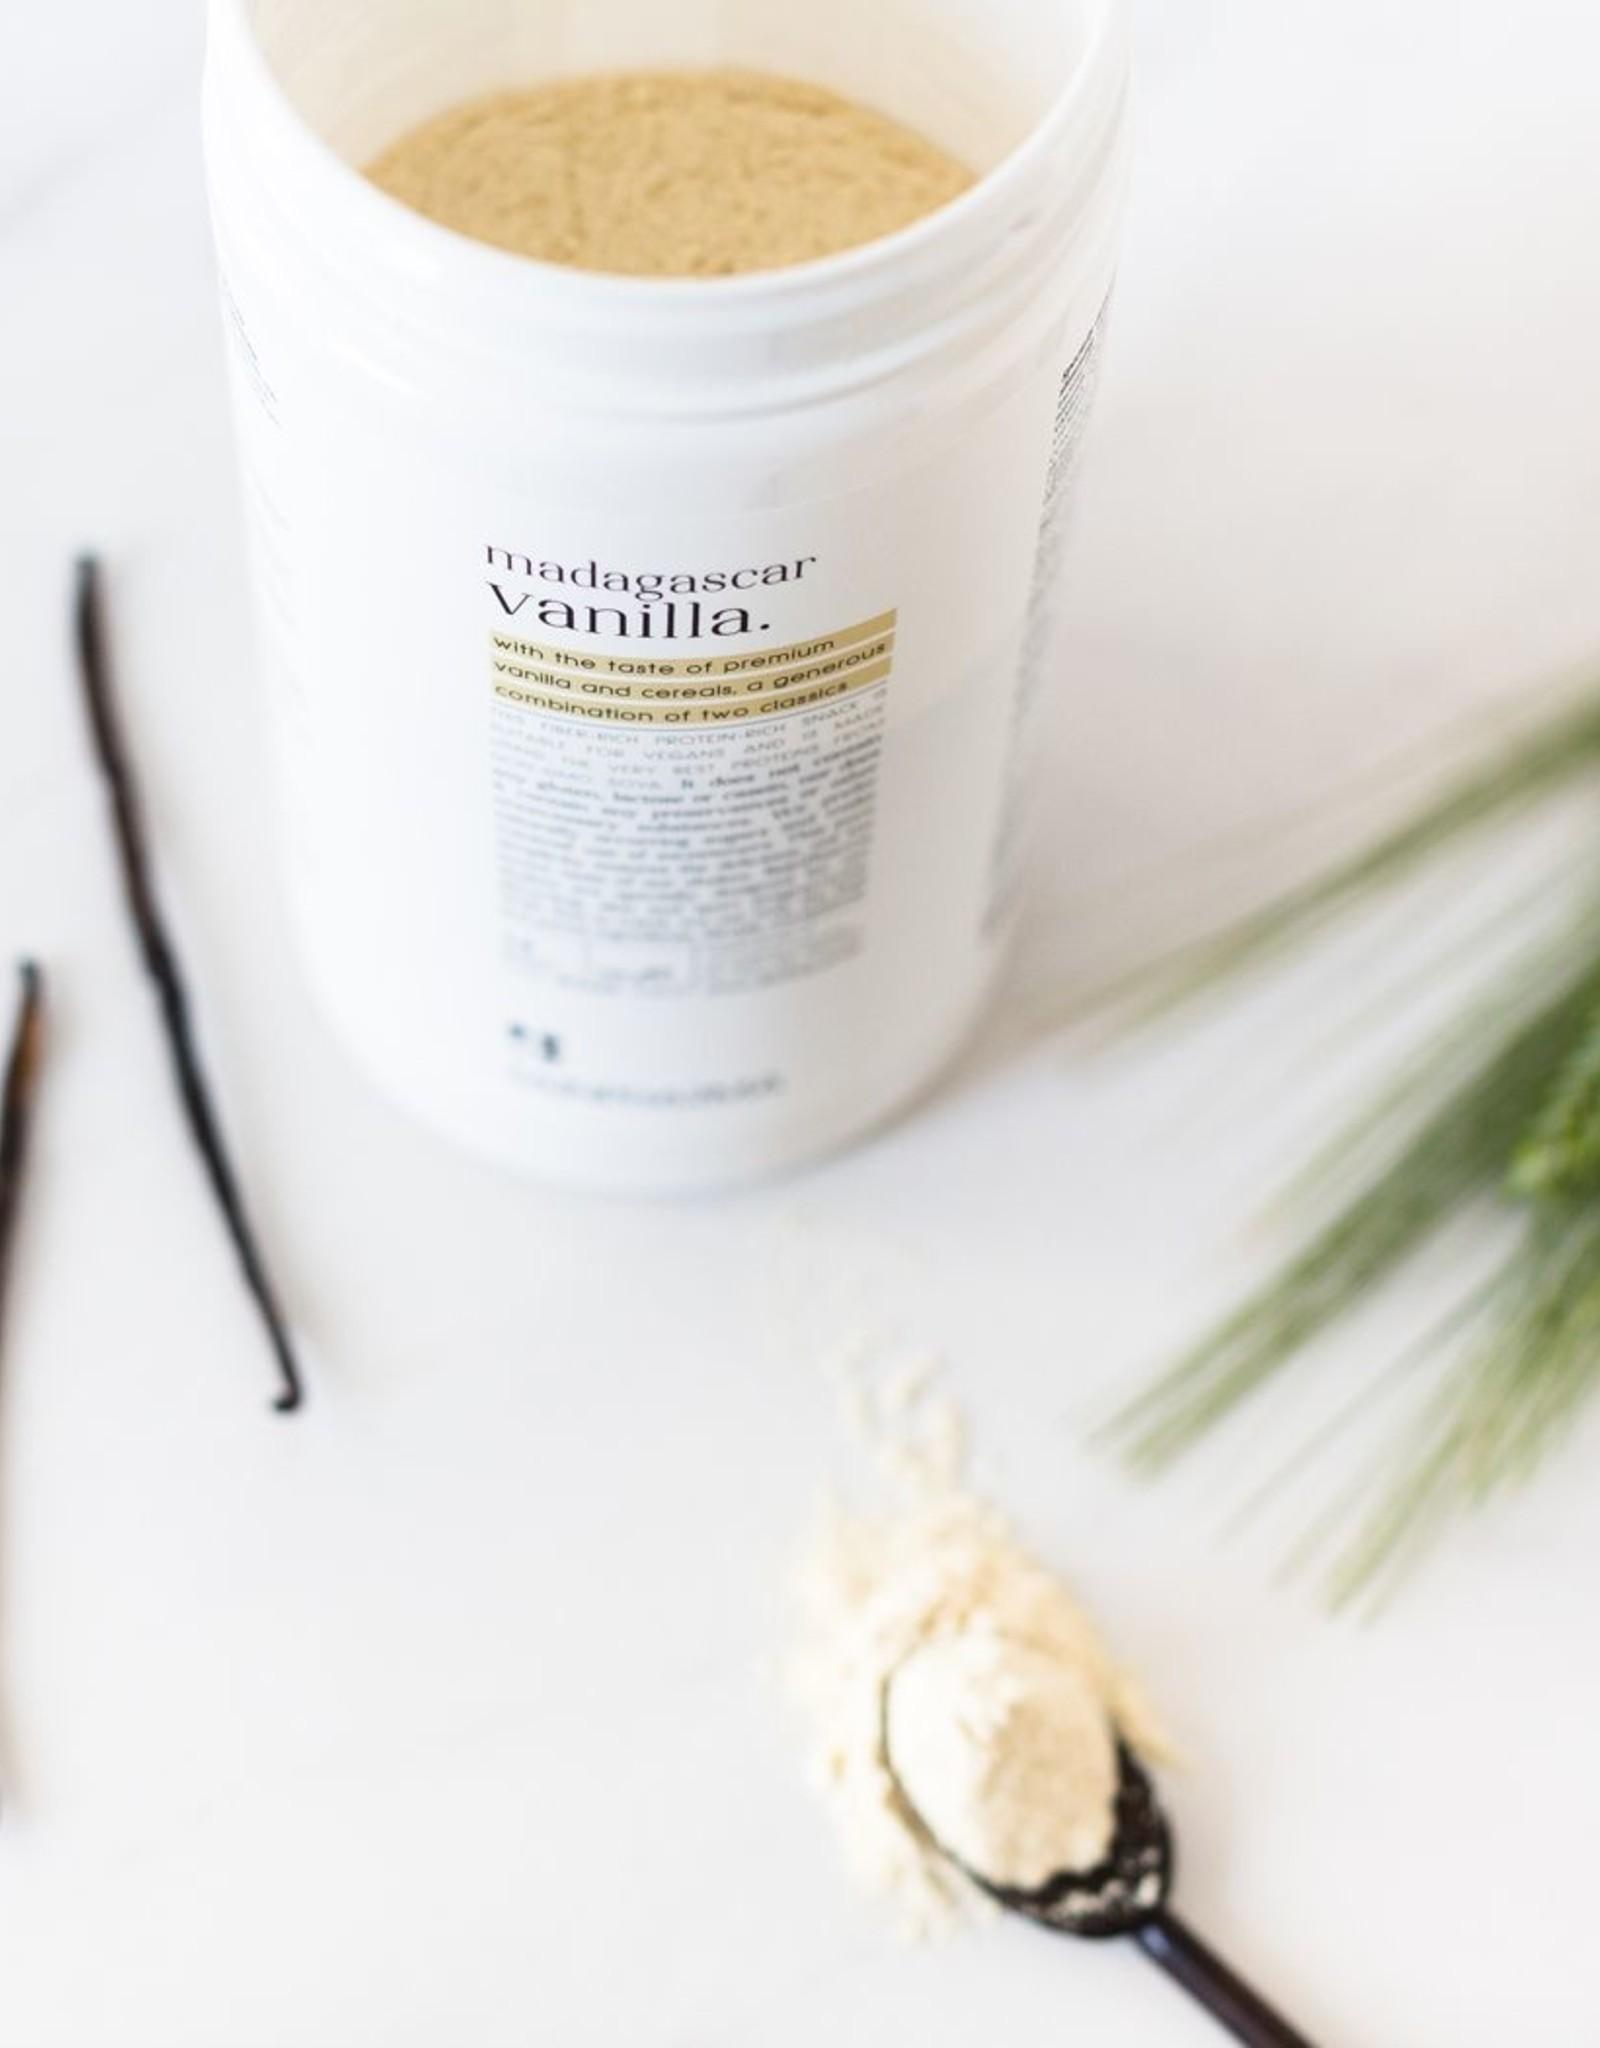 RainPharma Vegan Vanilla 420g - Rainpharma